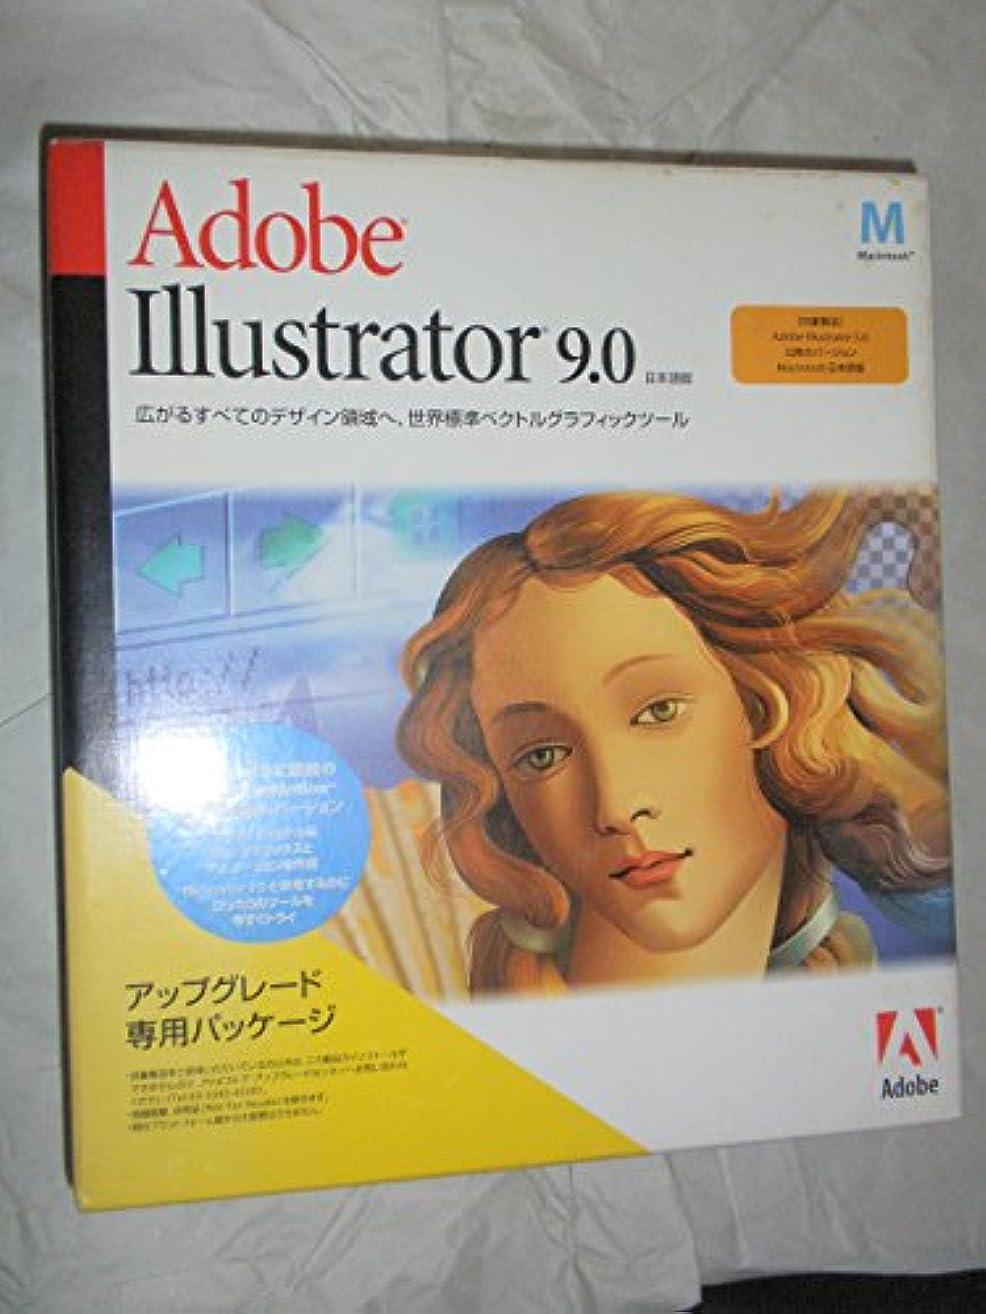 債権者電池請求ADOBE Illustrator 9.0 アップグレード版 mac